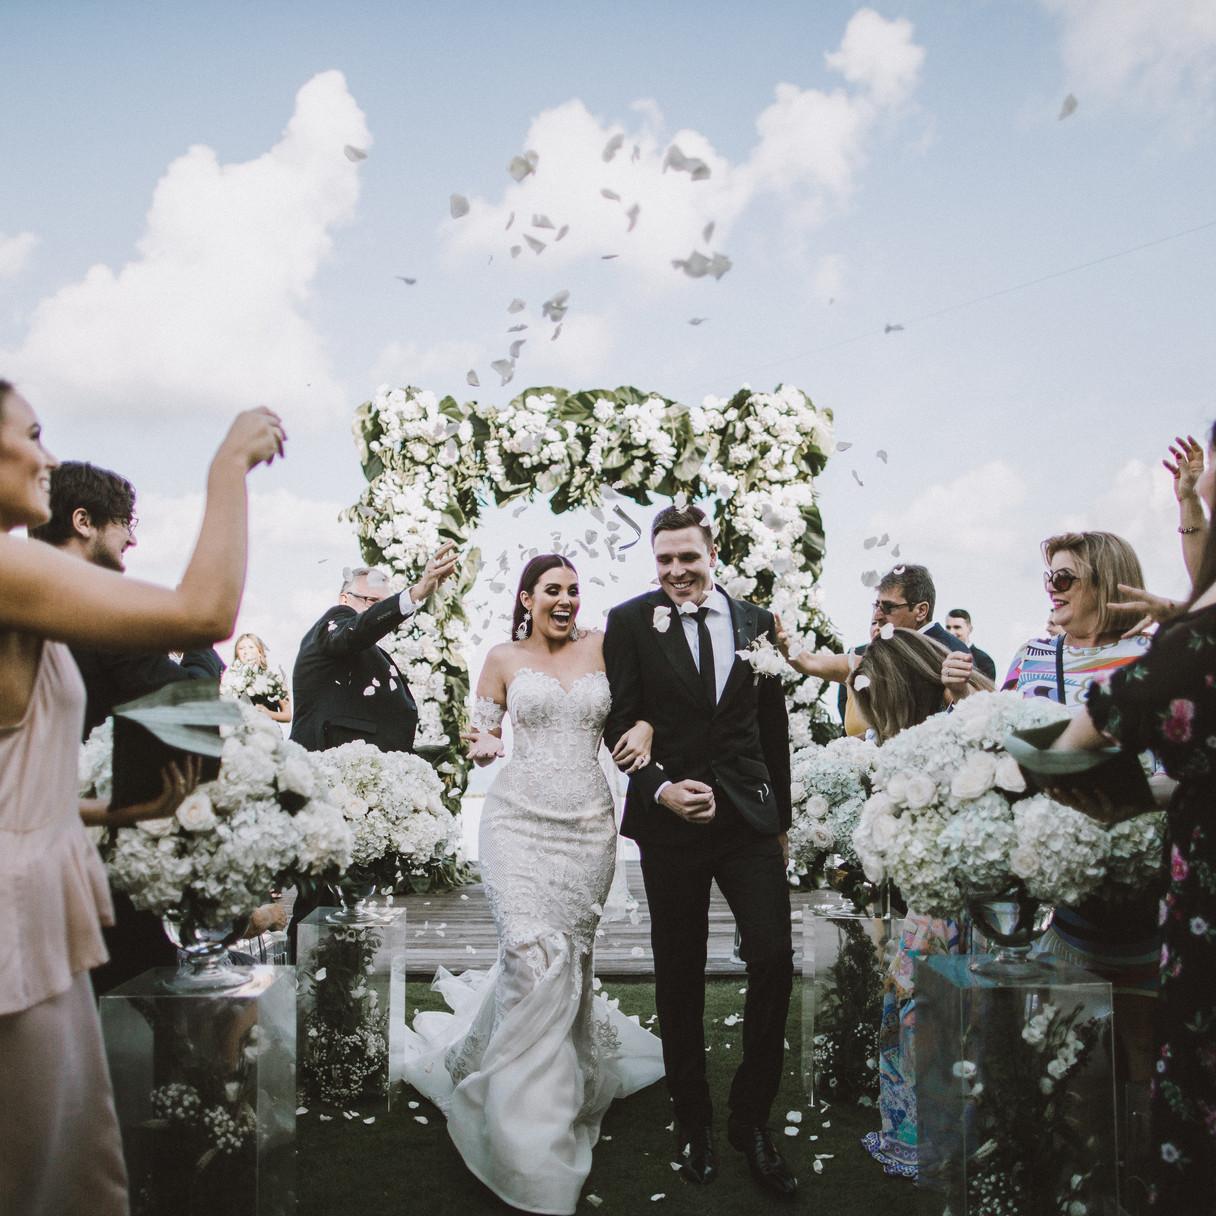 prue-steve-wedding-jpeg-367.jpg